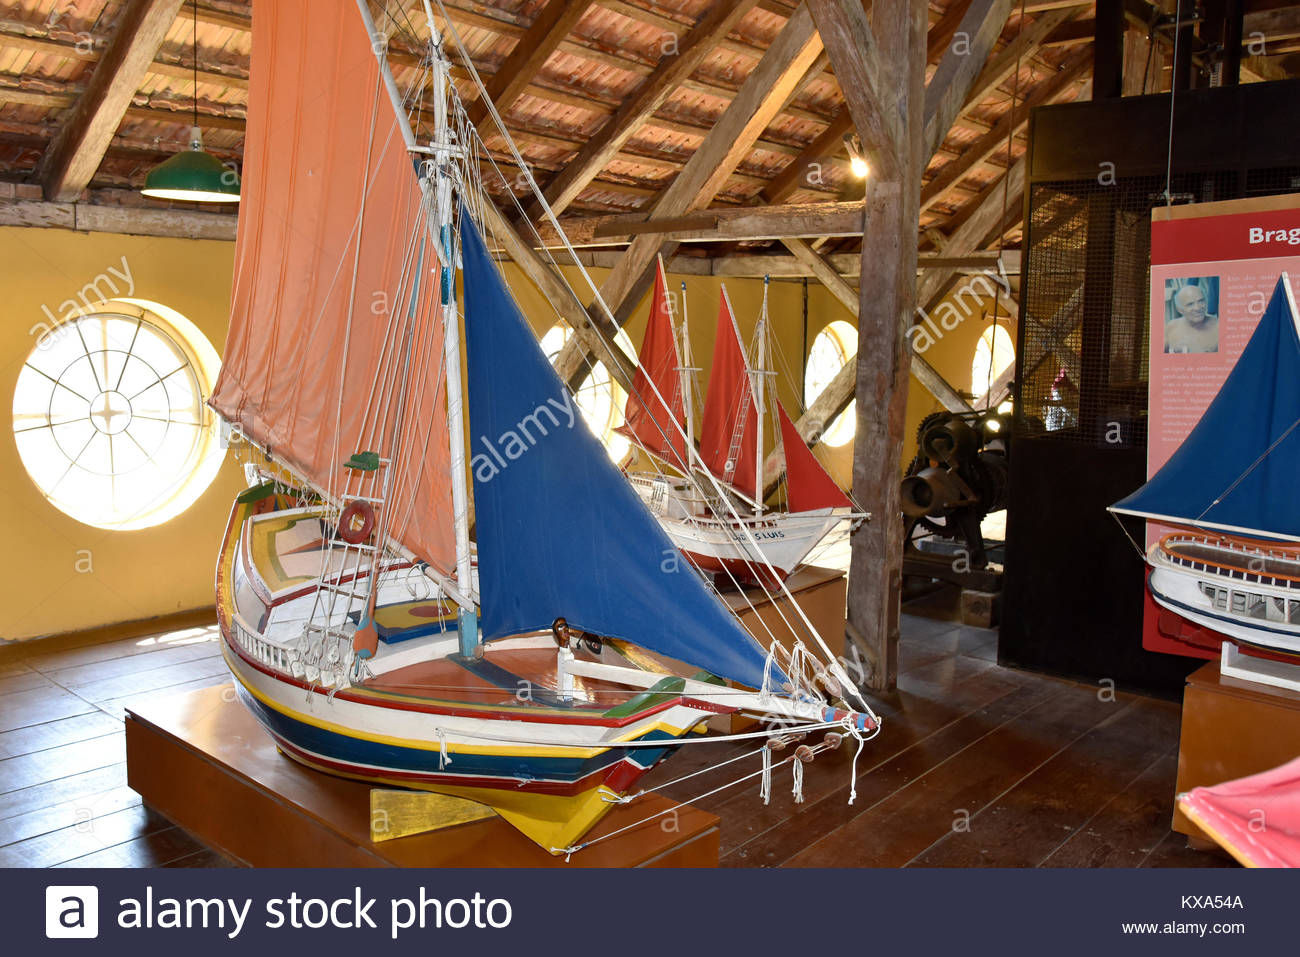 Embarcações em exposição no Museu Nacional do Mar no centro histórico da cidade, São - Stock Image